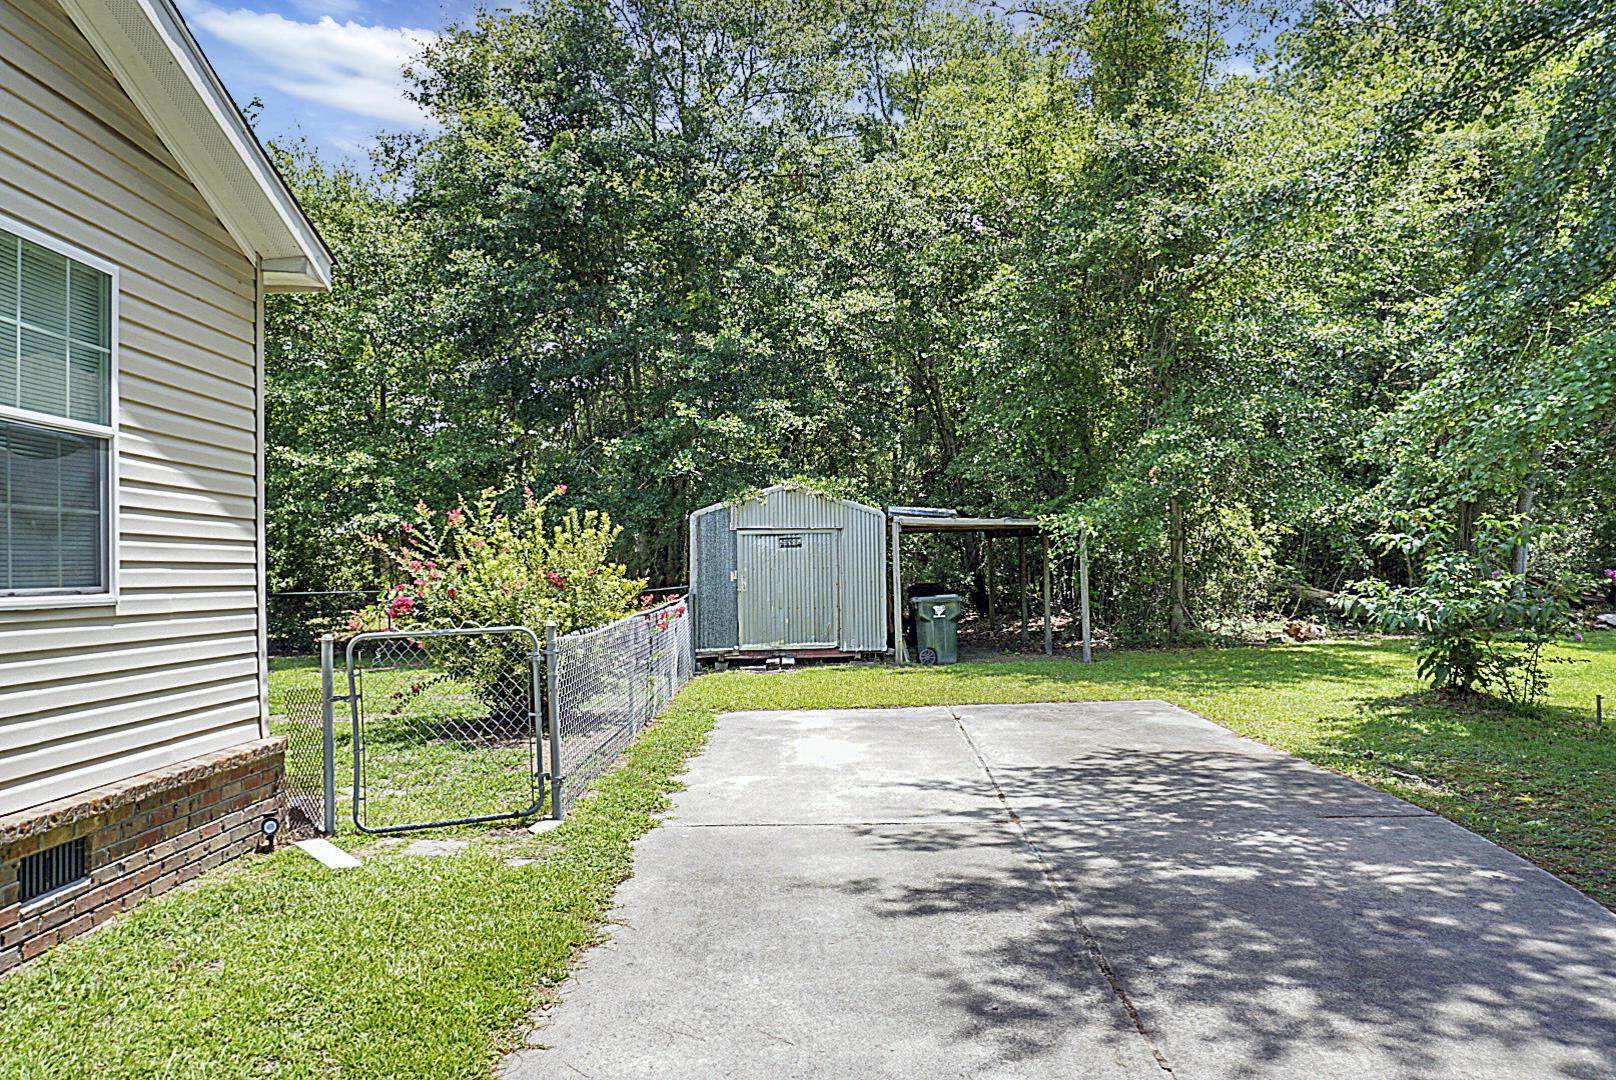 Bonneau Village Homes For Sale - 136 Dawsey, Bonneau, SC - 30